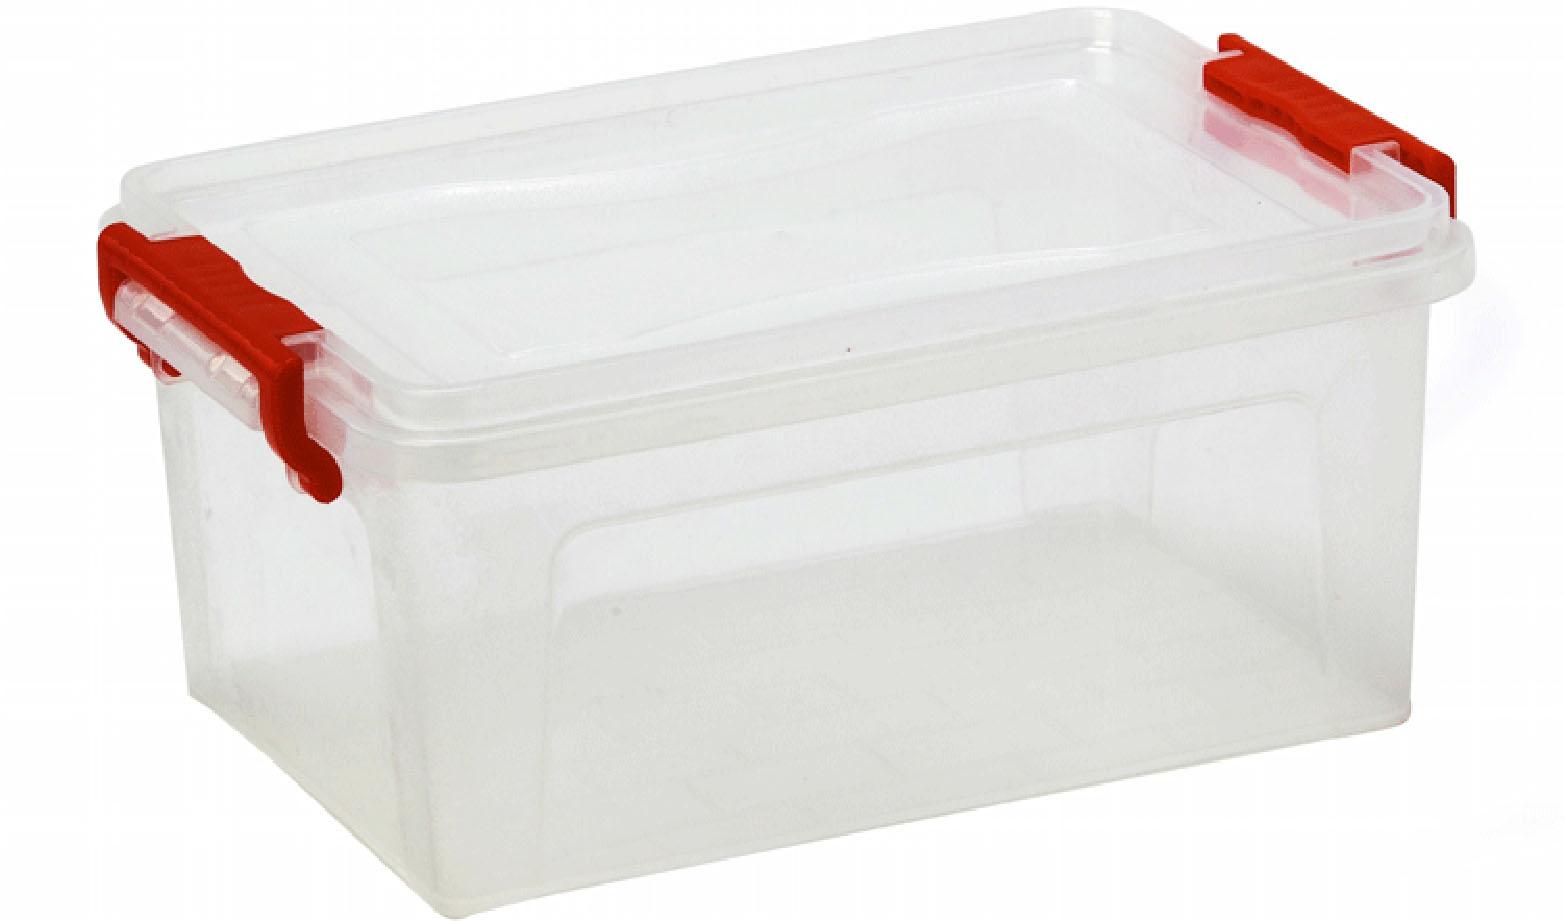 Контейнер для хранения Idea, цвет: прозрачный, 5,3 л контейнер для хранения idea прямоугольный цвет салатовый прозрачный 8 5 л